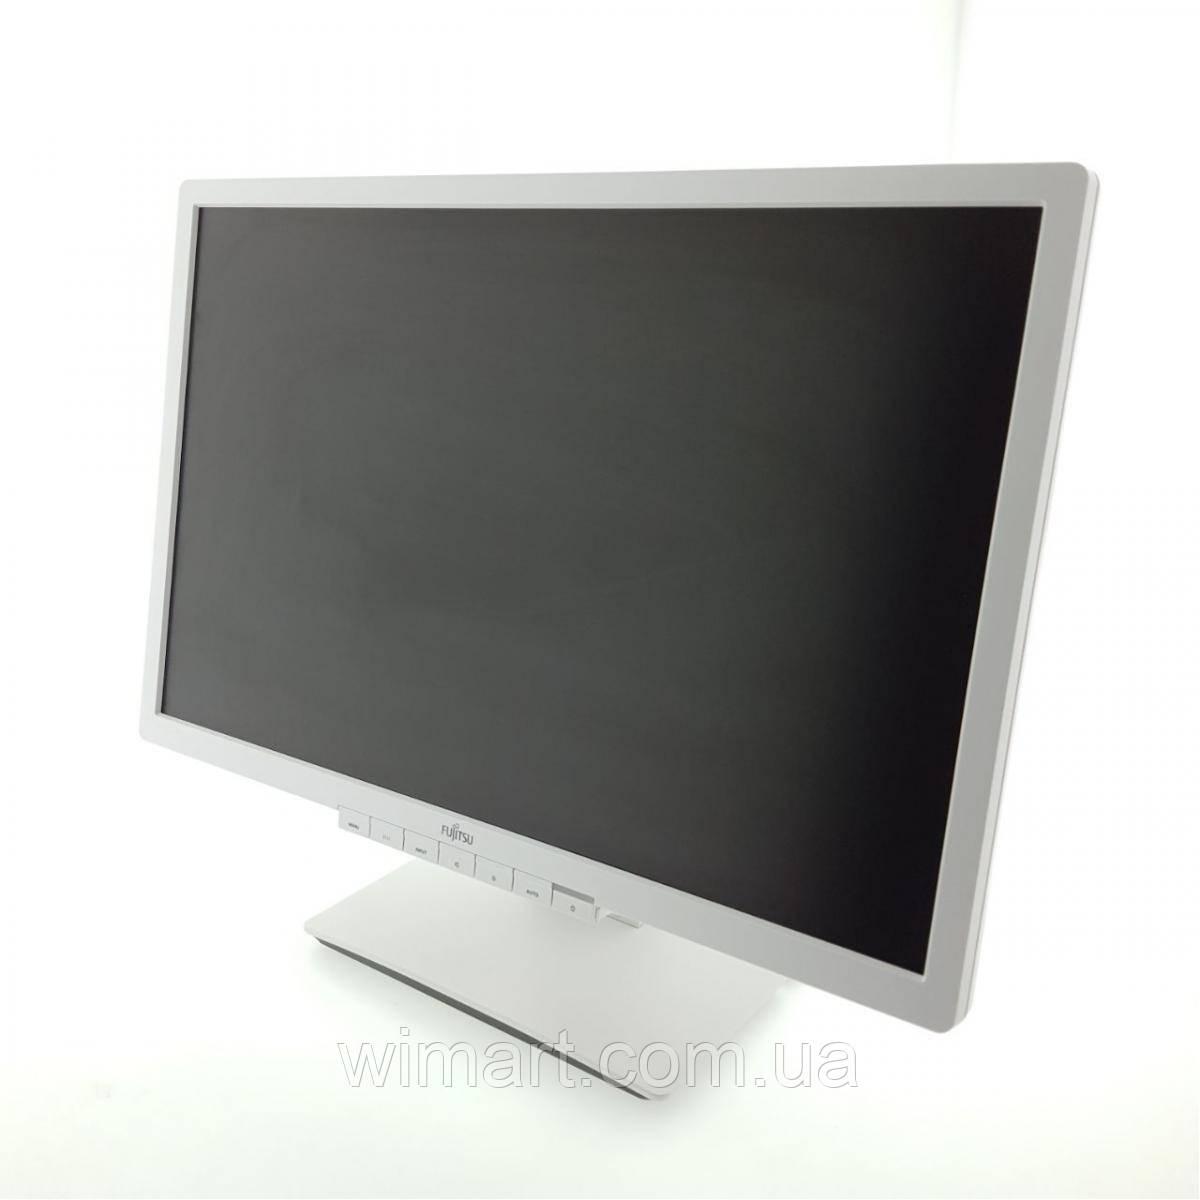 """Б/У Монитор Fujitsu-Siemens B22W-6 Диагональ 22"""" разрешение 1680x1050 VGA DVI DP Grade A"""